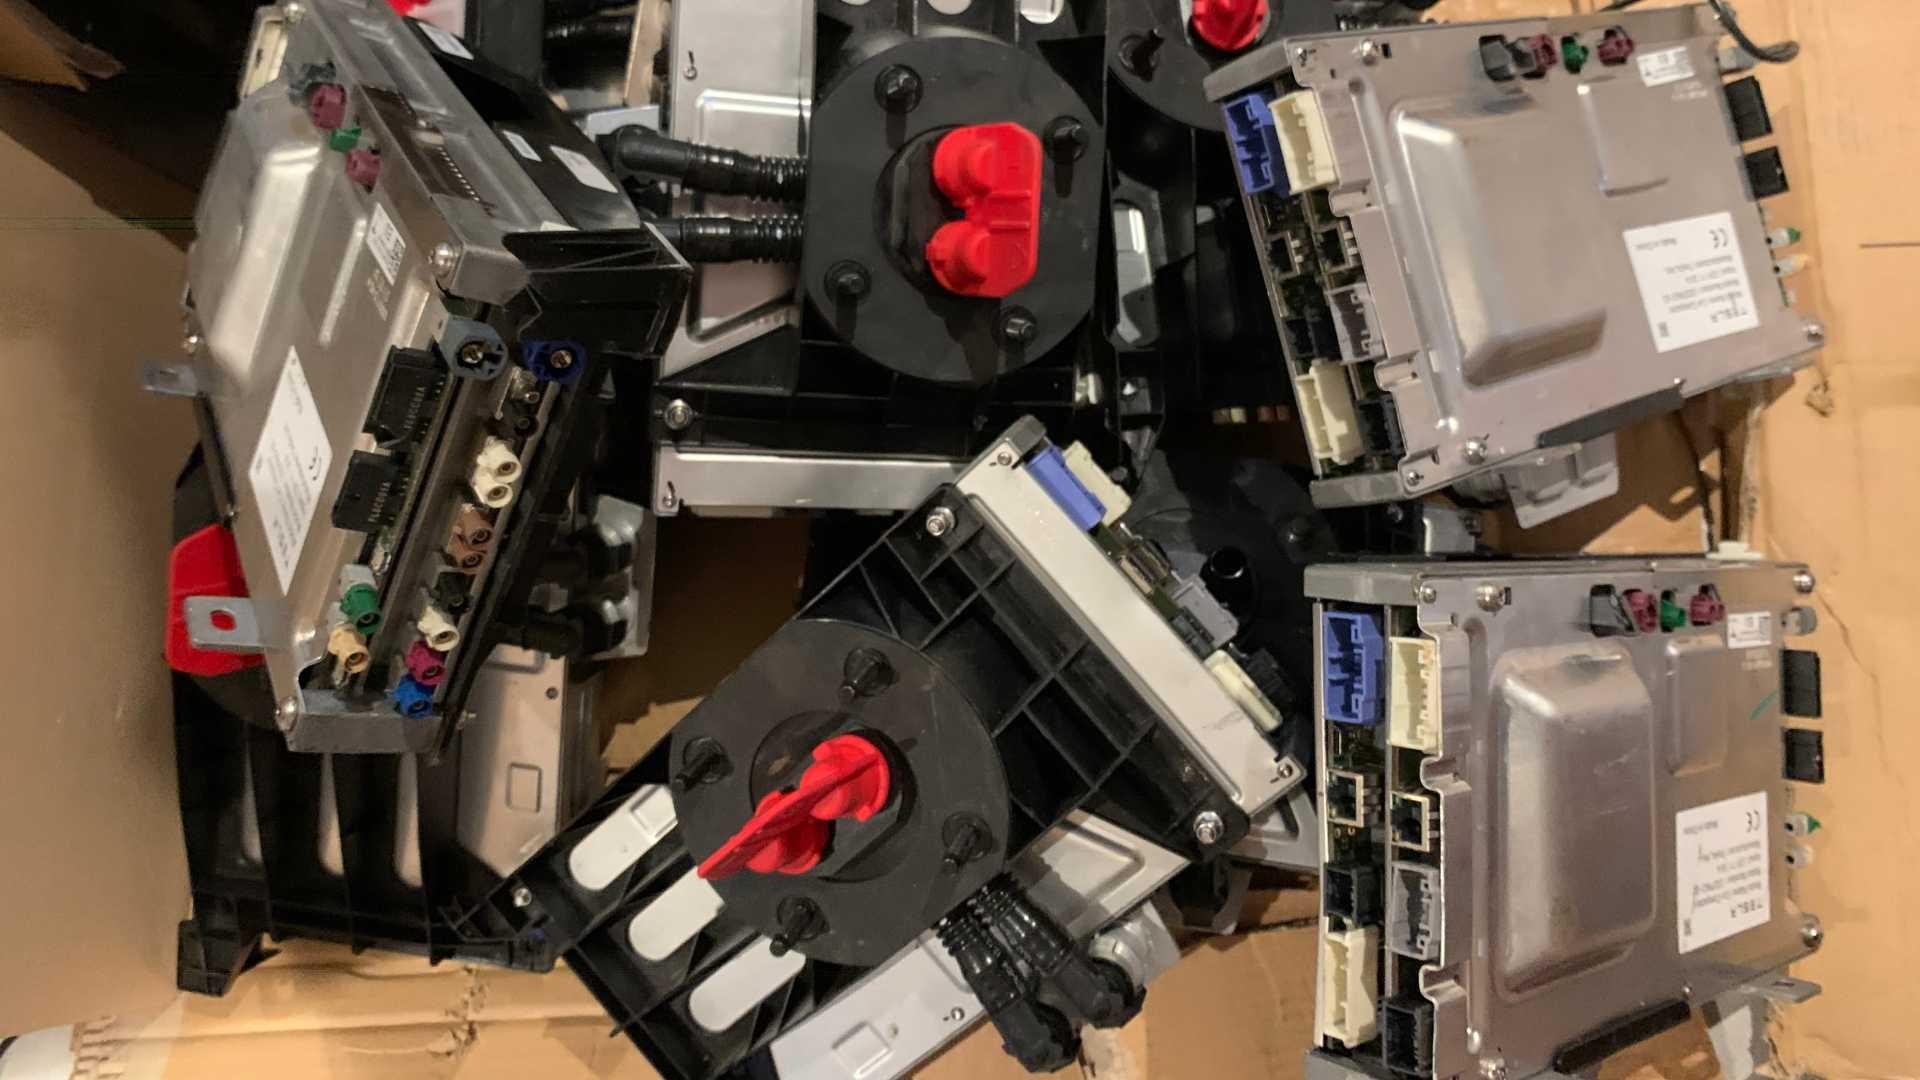 Старые компьютеры европейских владельцев также выставлены на продажу